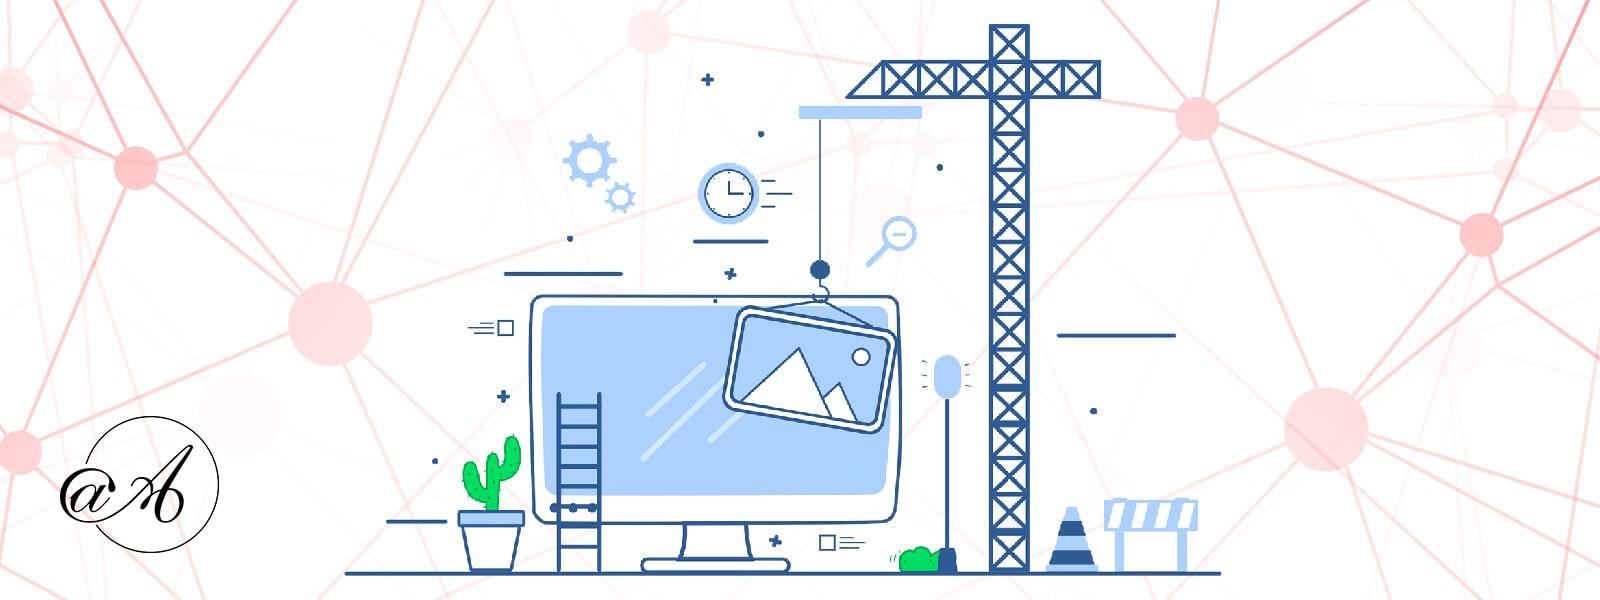 اهمیت وب سایت برای کسب و کارمان